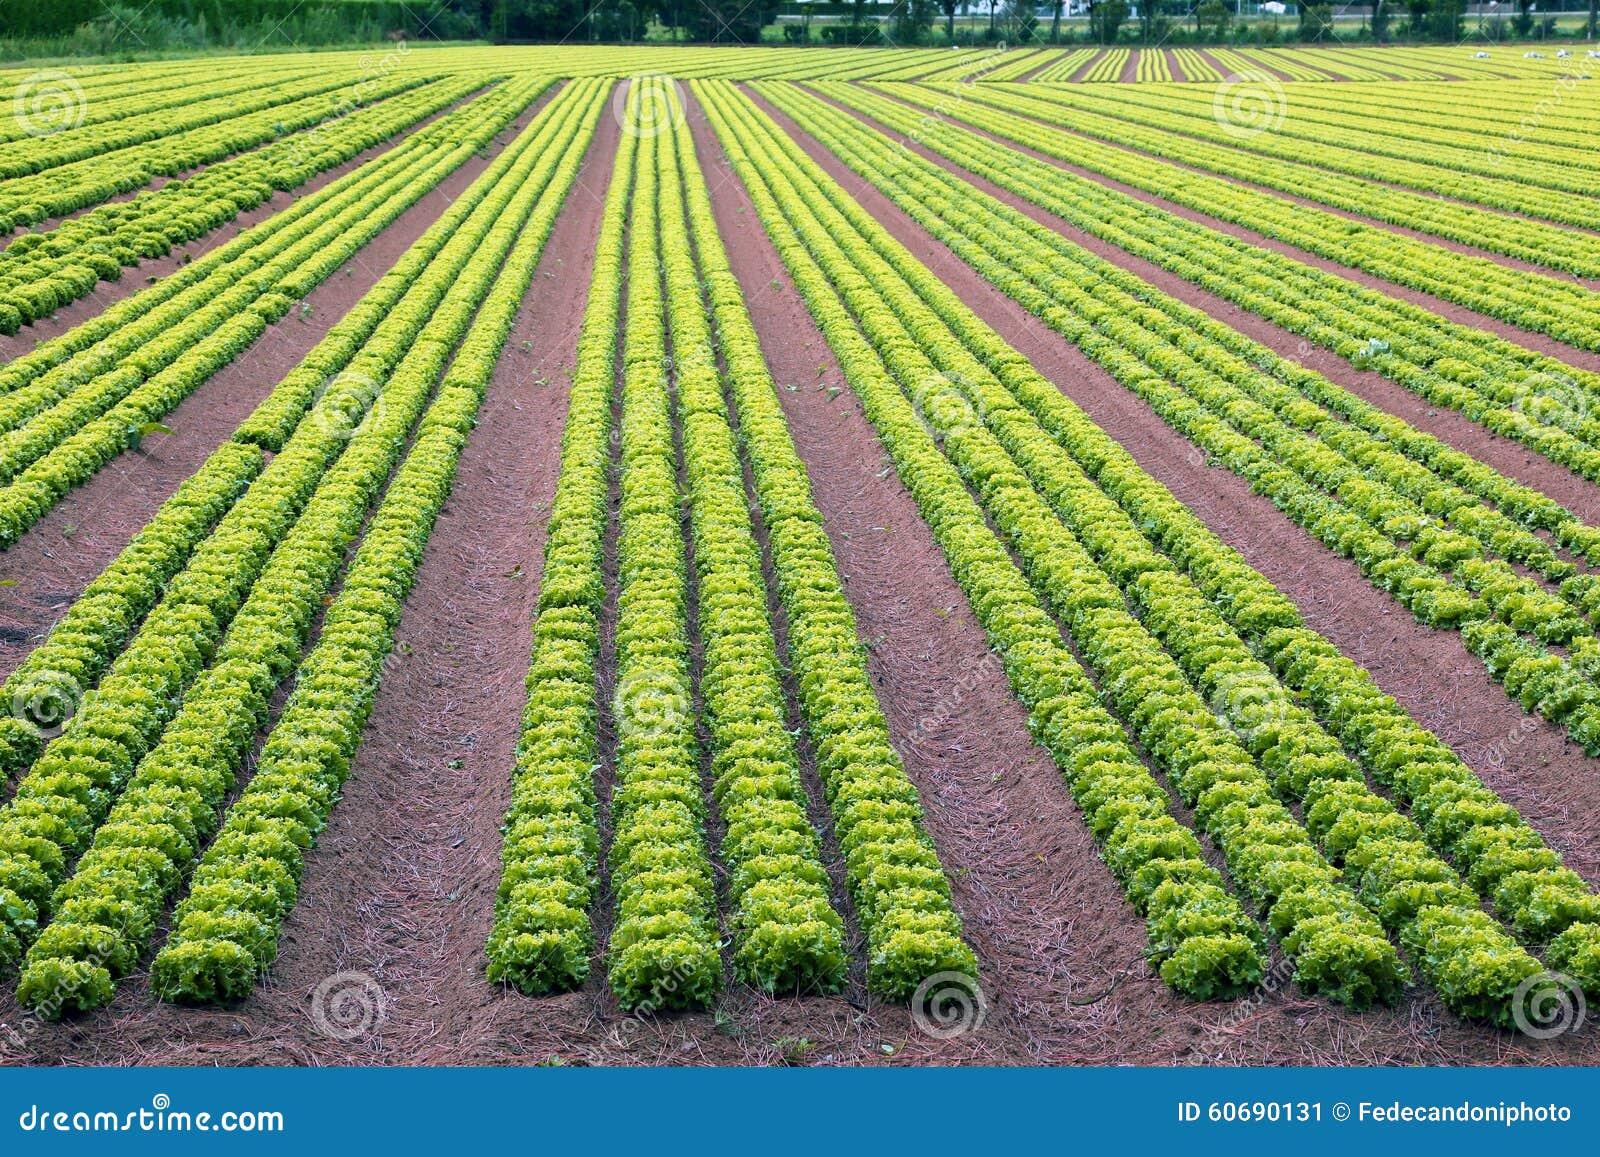 Huge field of green lettuce